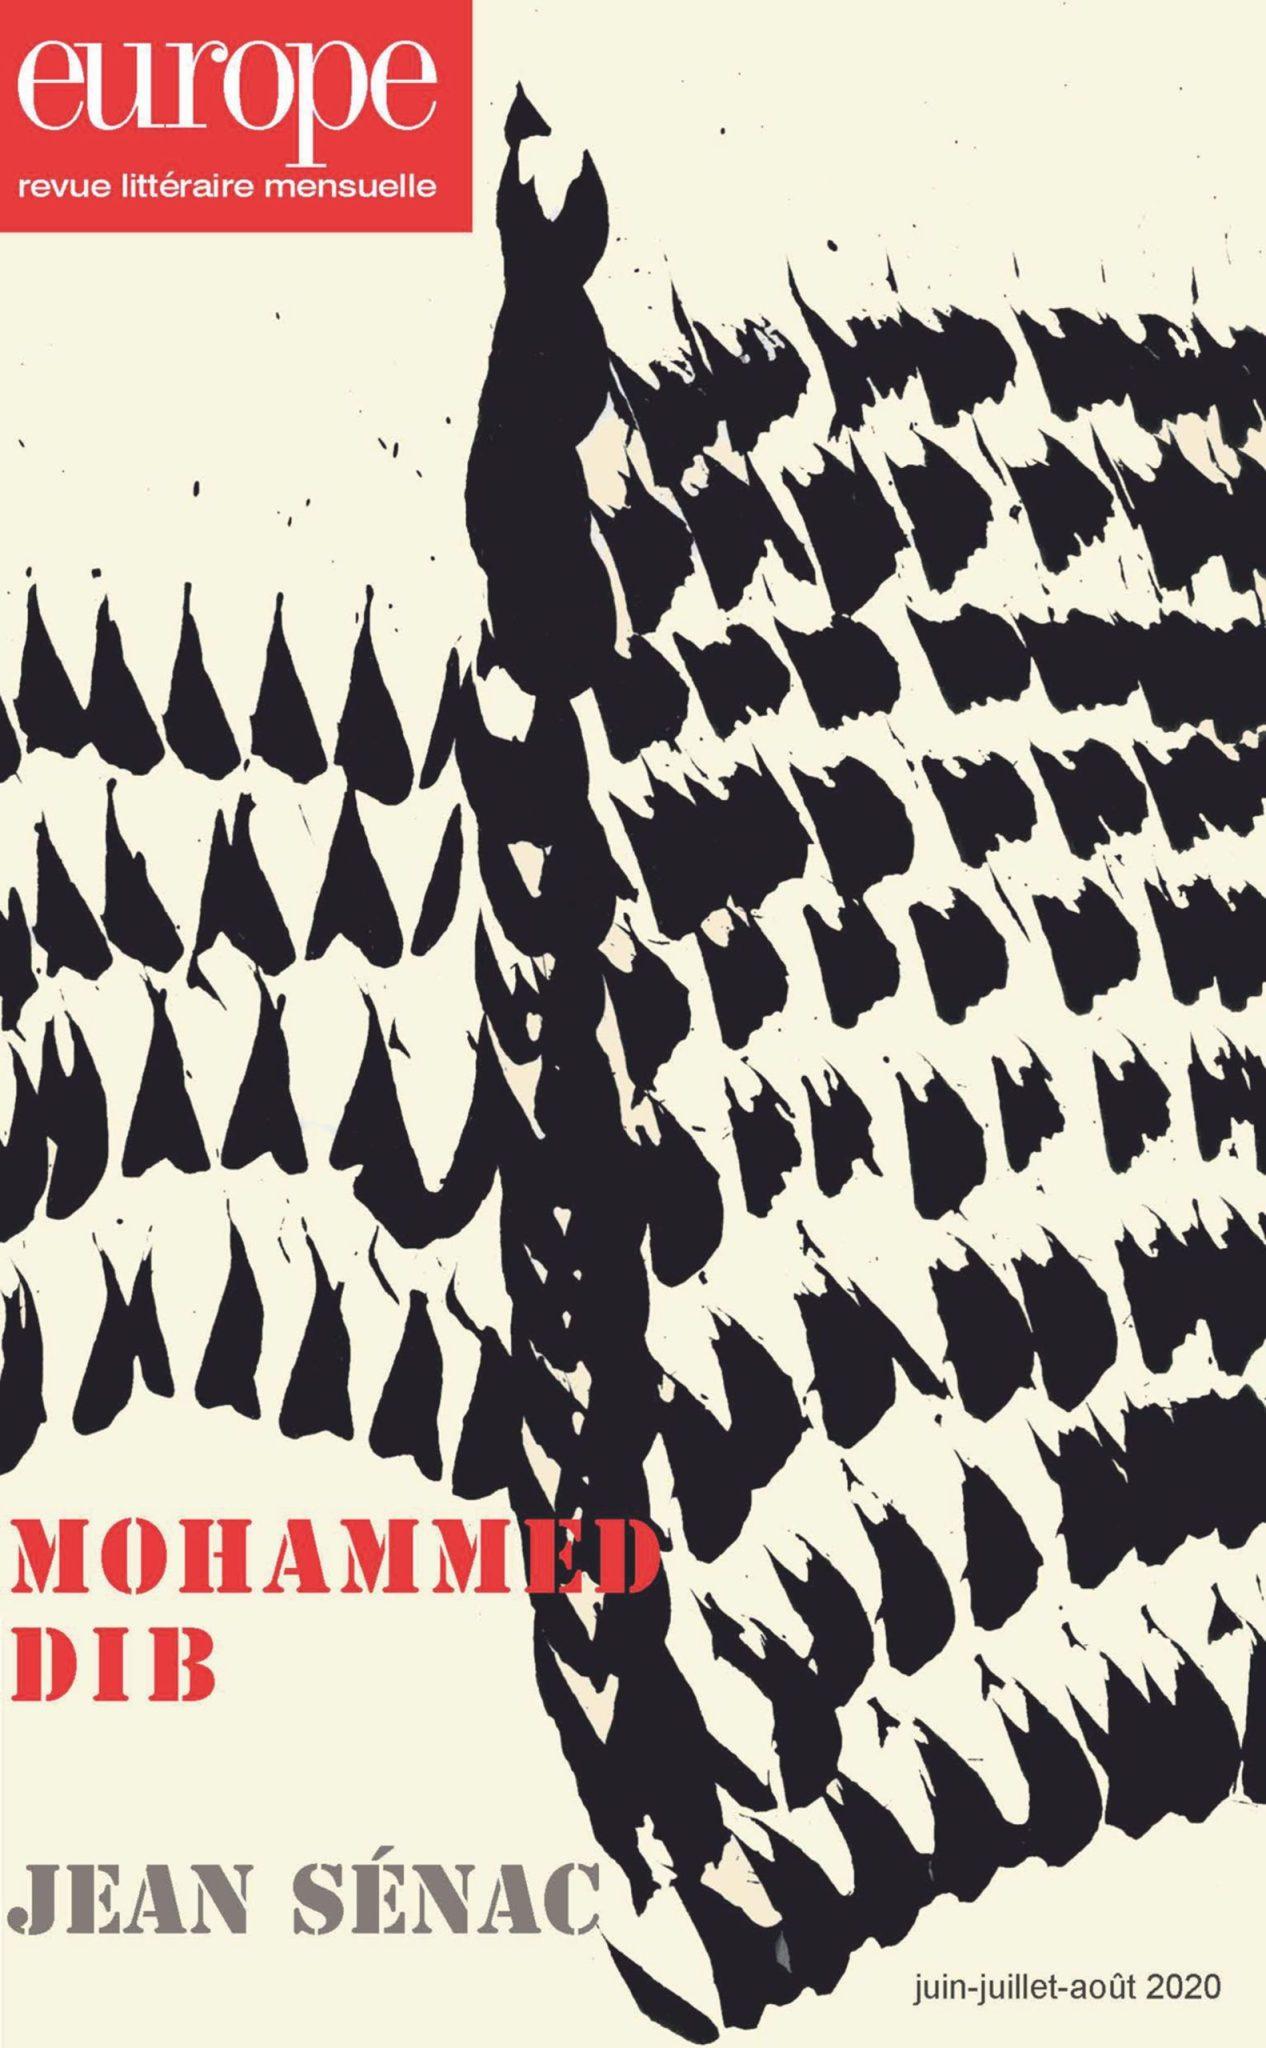 Europe, n° 1094-1095-1096 : Mohammed Dib / Jean Sénac